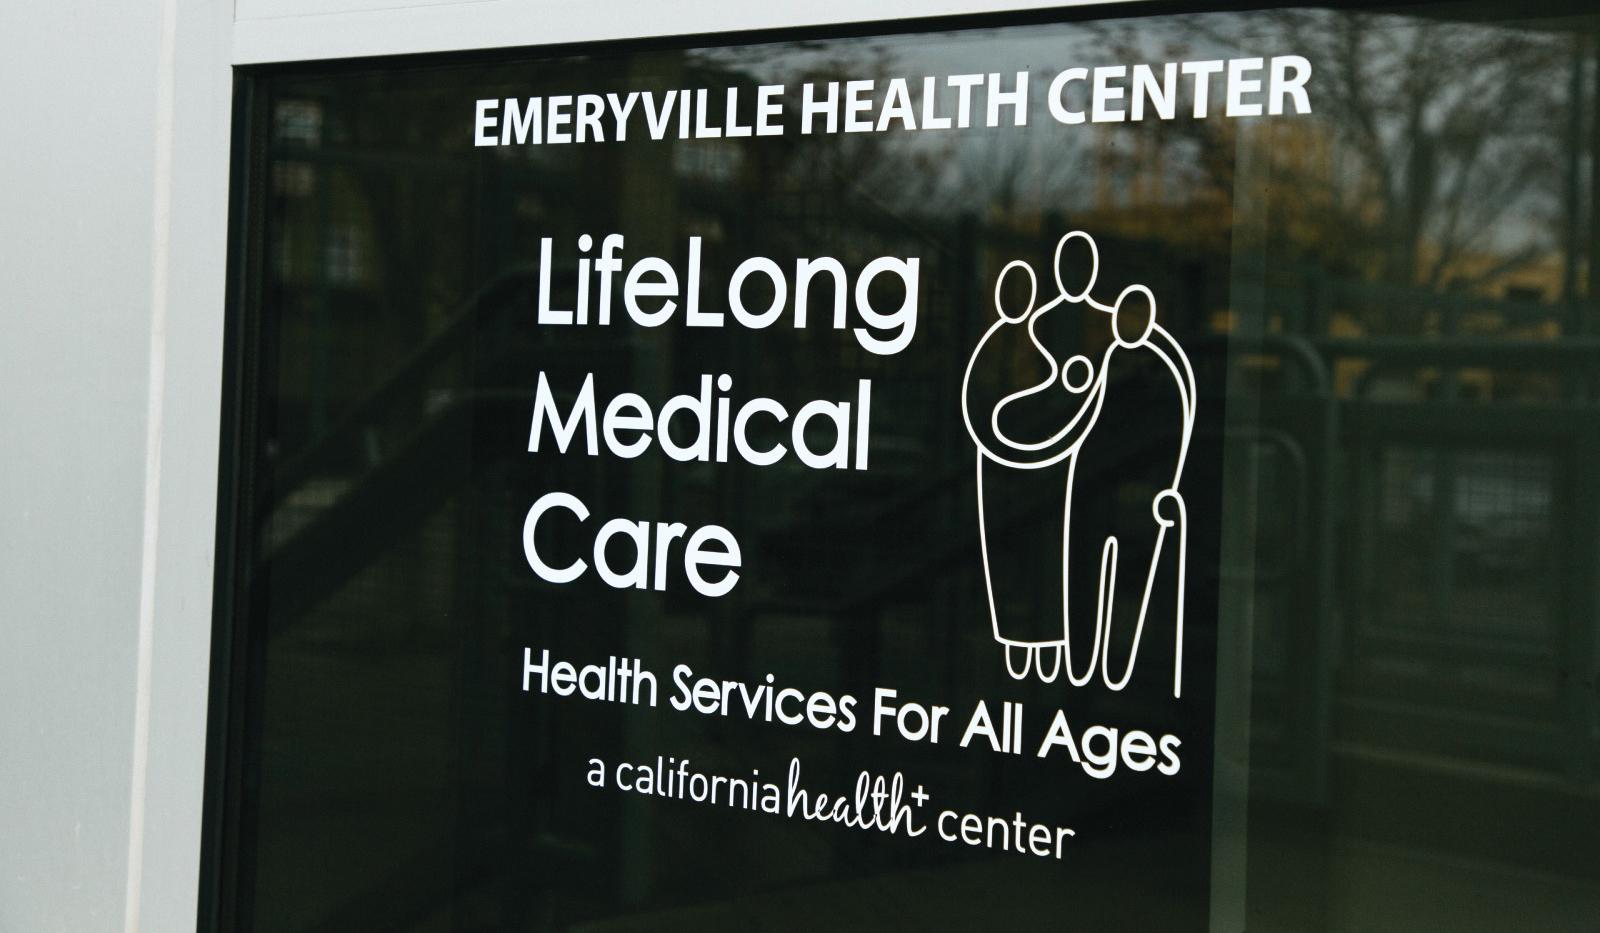 Emeryville health center